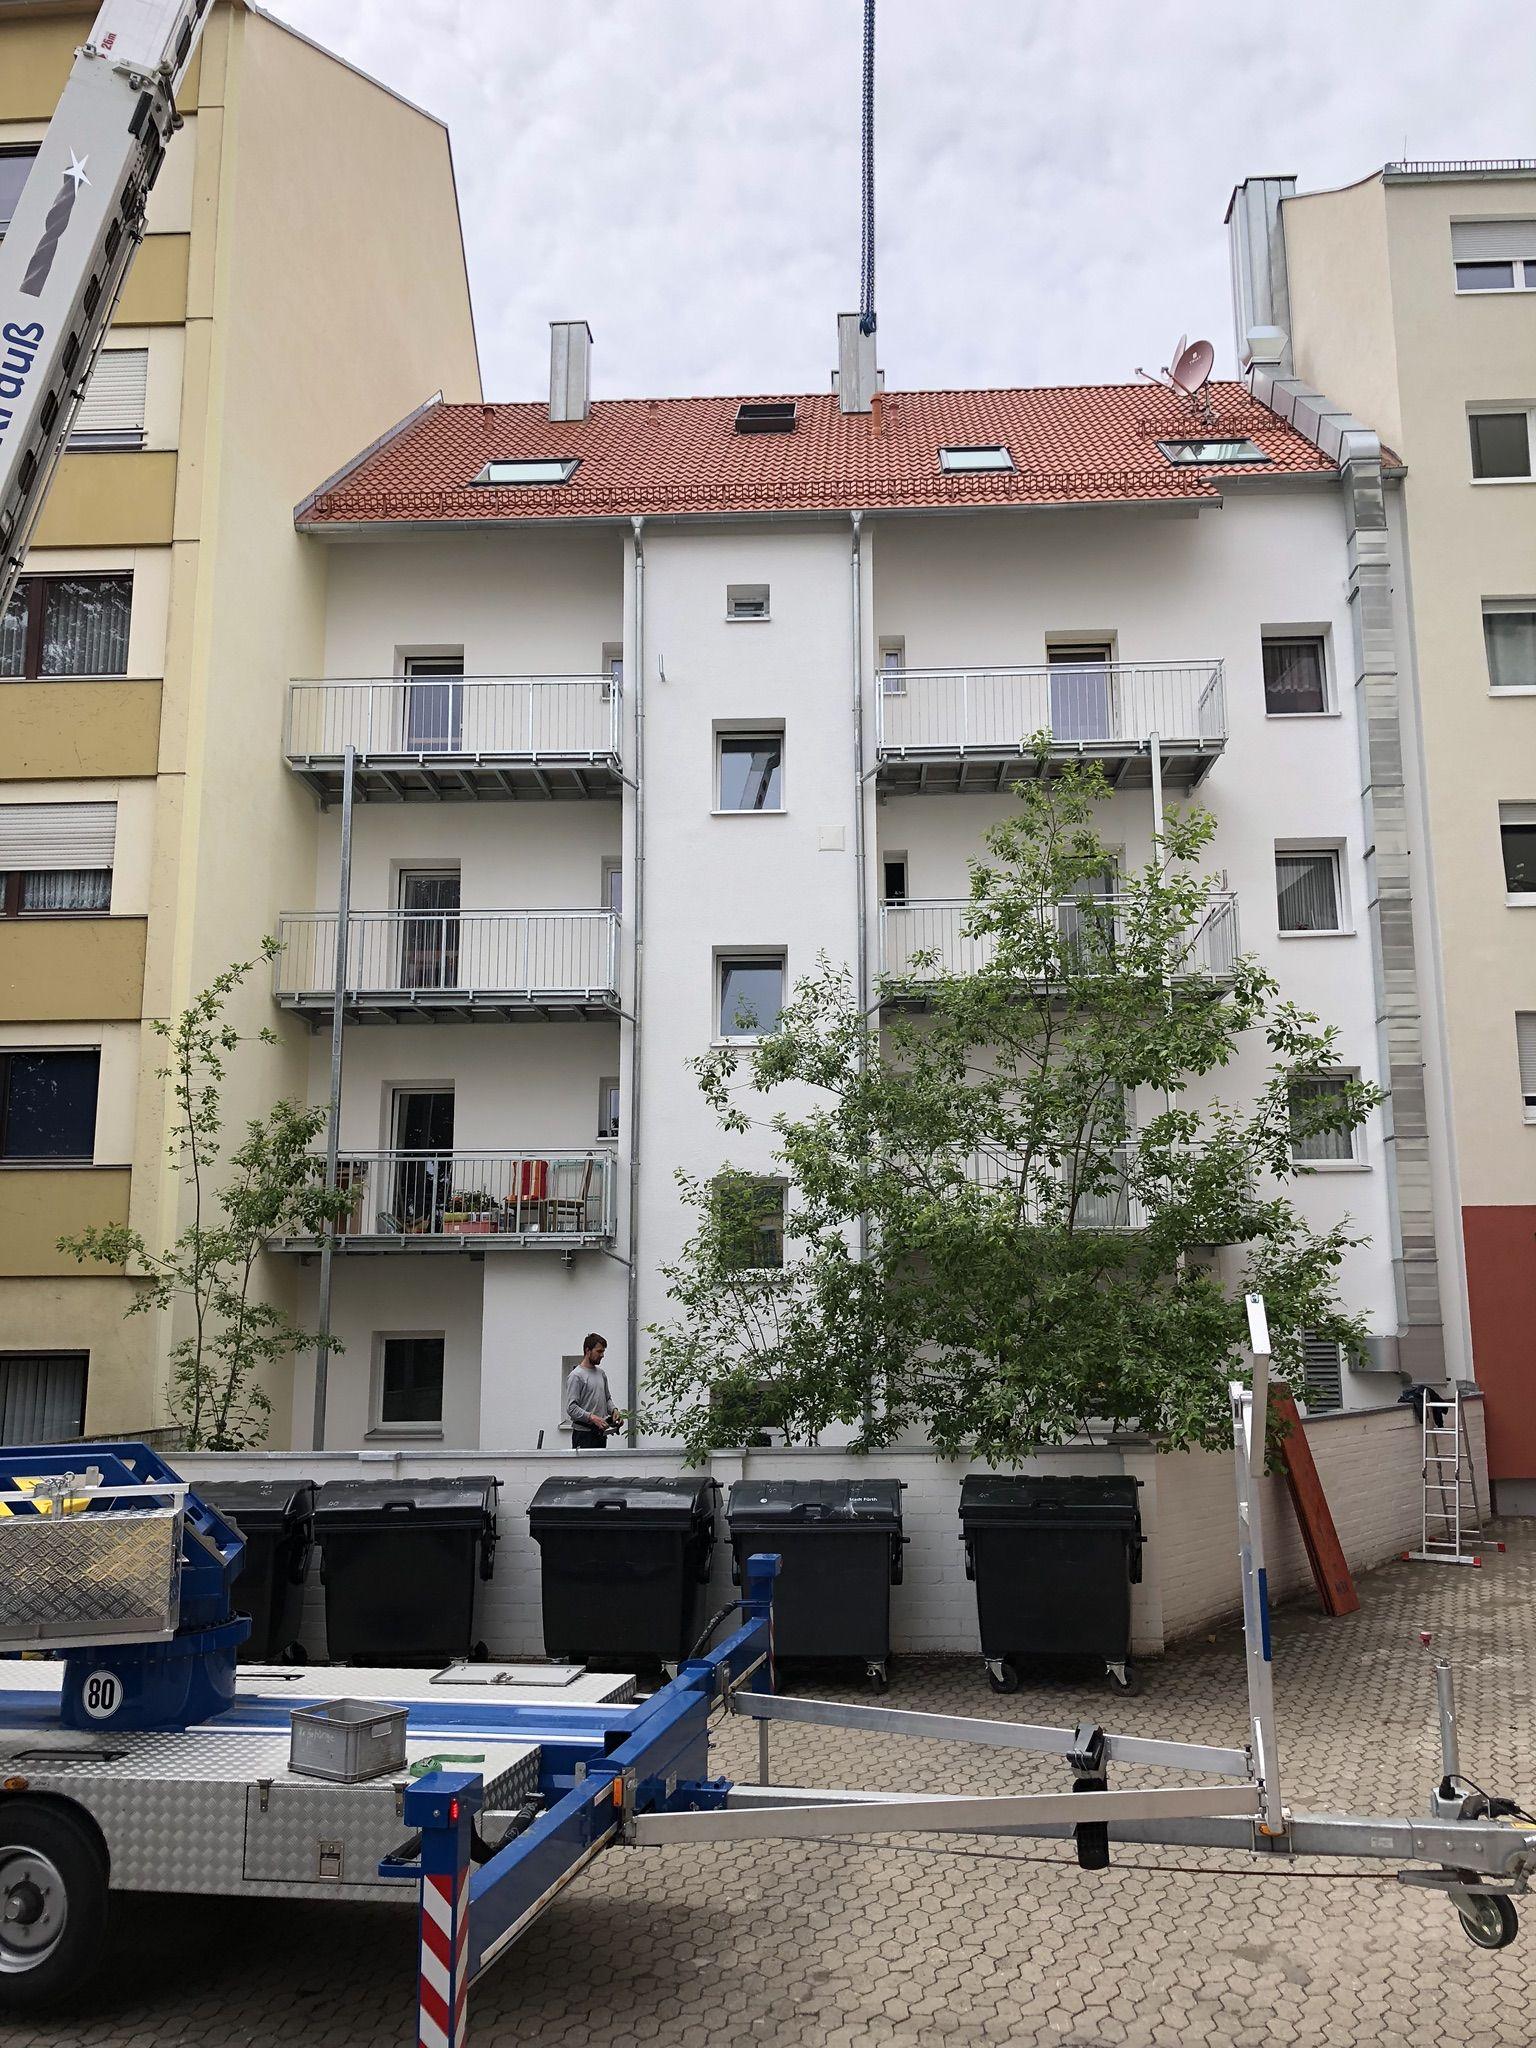 Balkone + Geländer